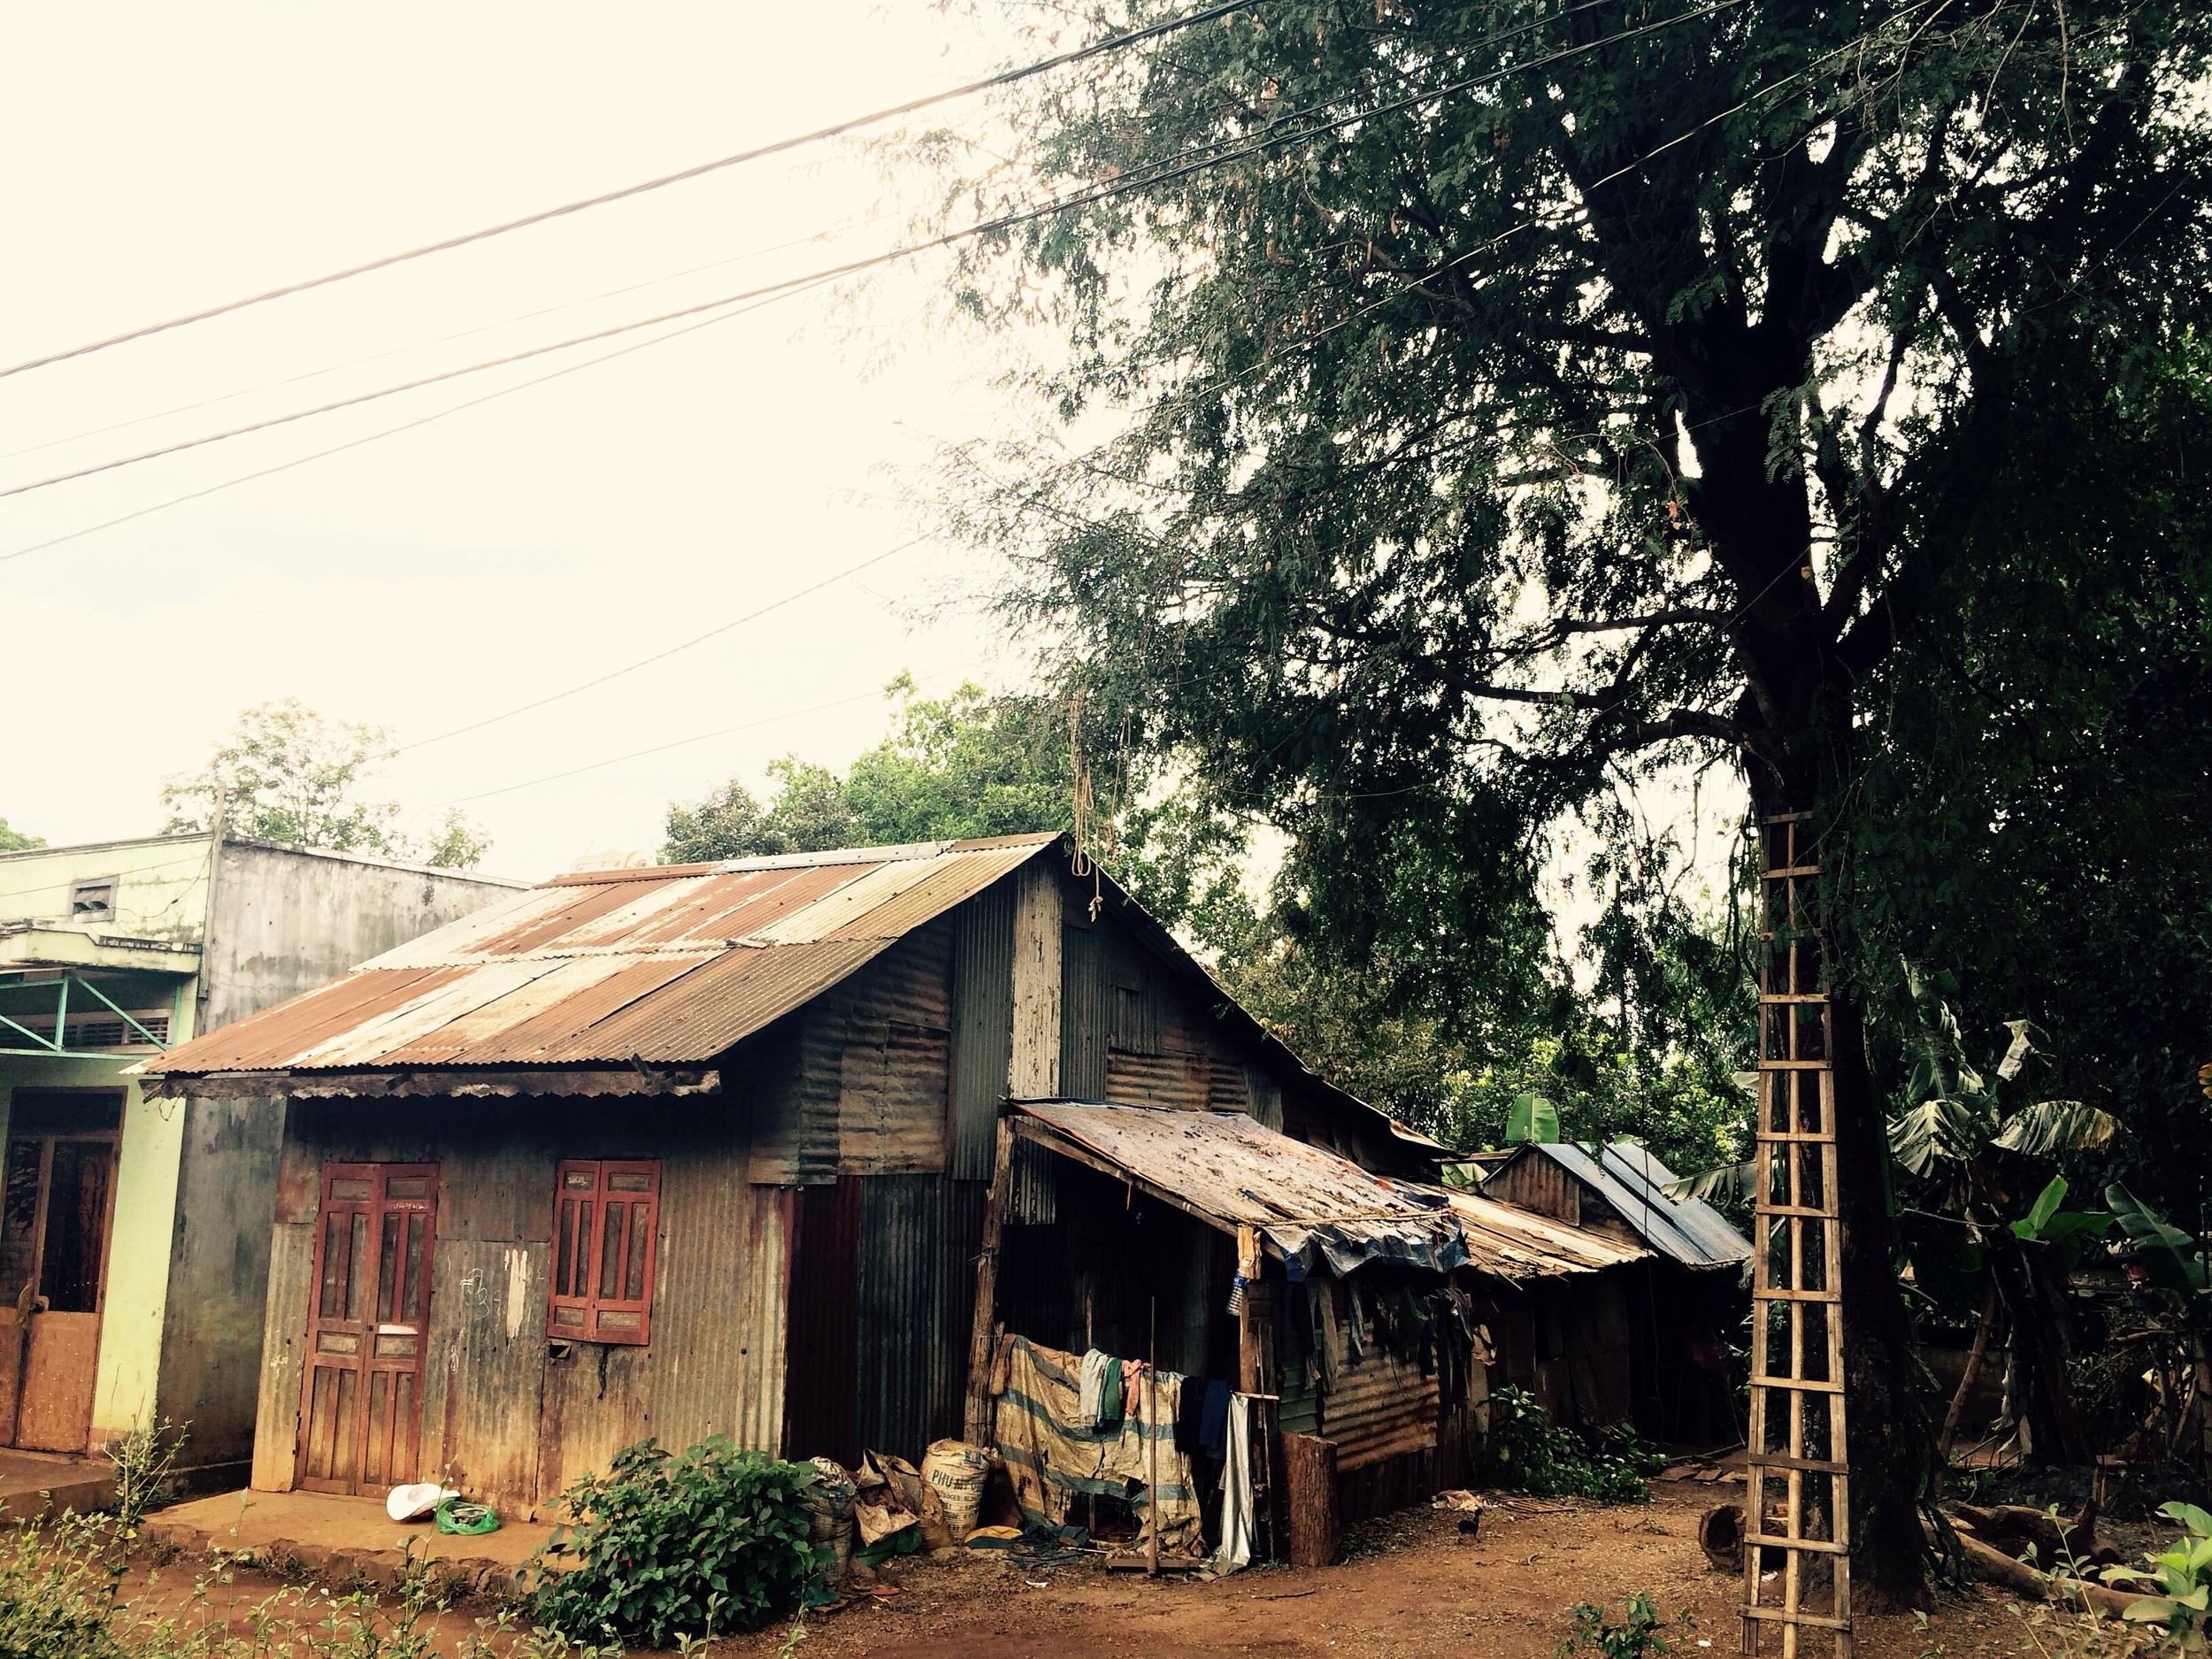 A home in a rural town outside of Pleiku